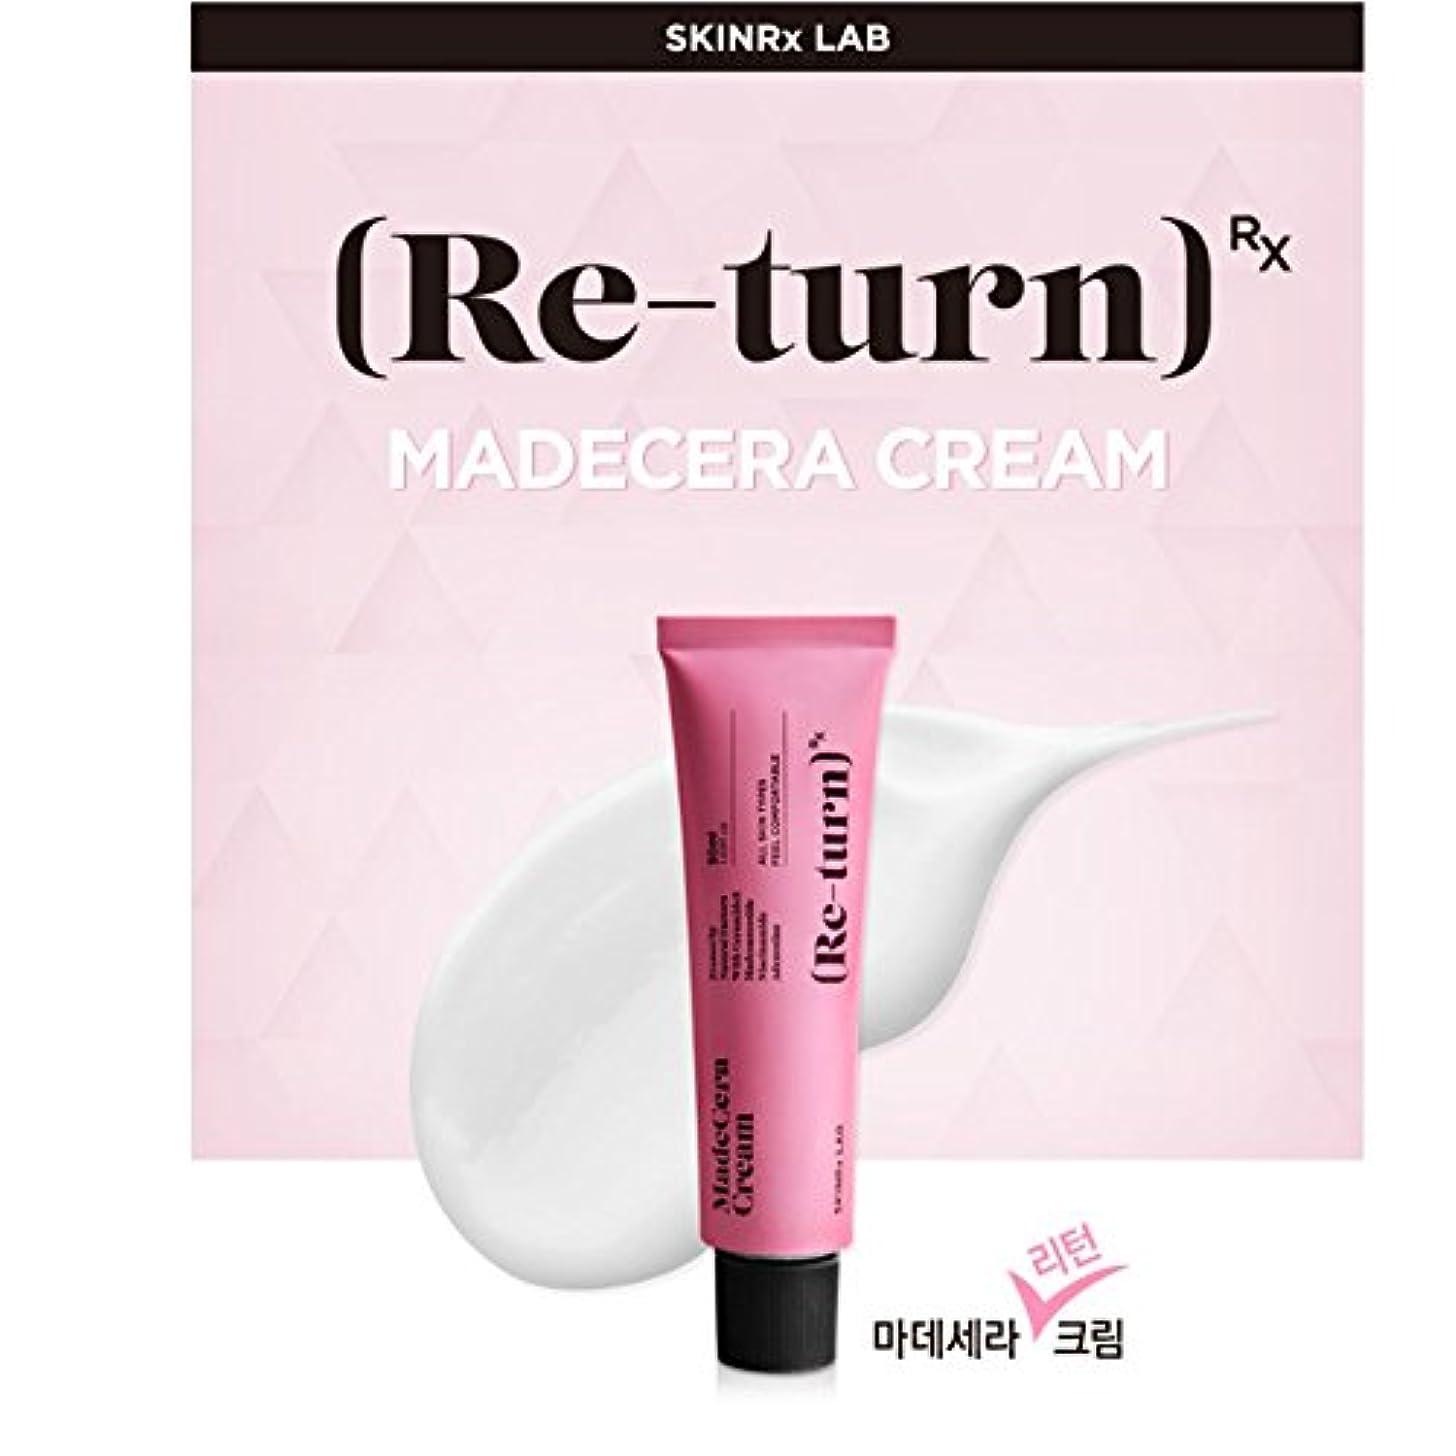 専門司法安西スキンアルエクスラップ マデセラ リターン クリーム 50ml / SKINRxLAB MadeCera Re-turn Cream 50ml (1.69oz)